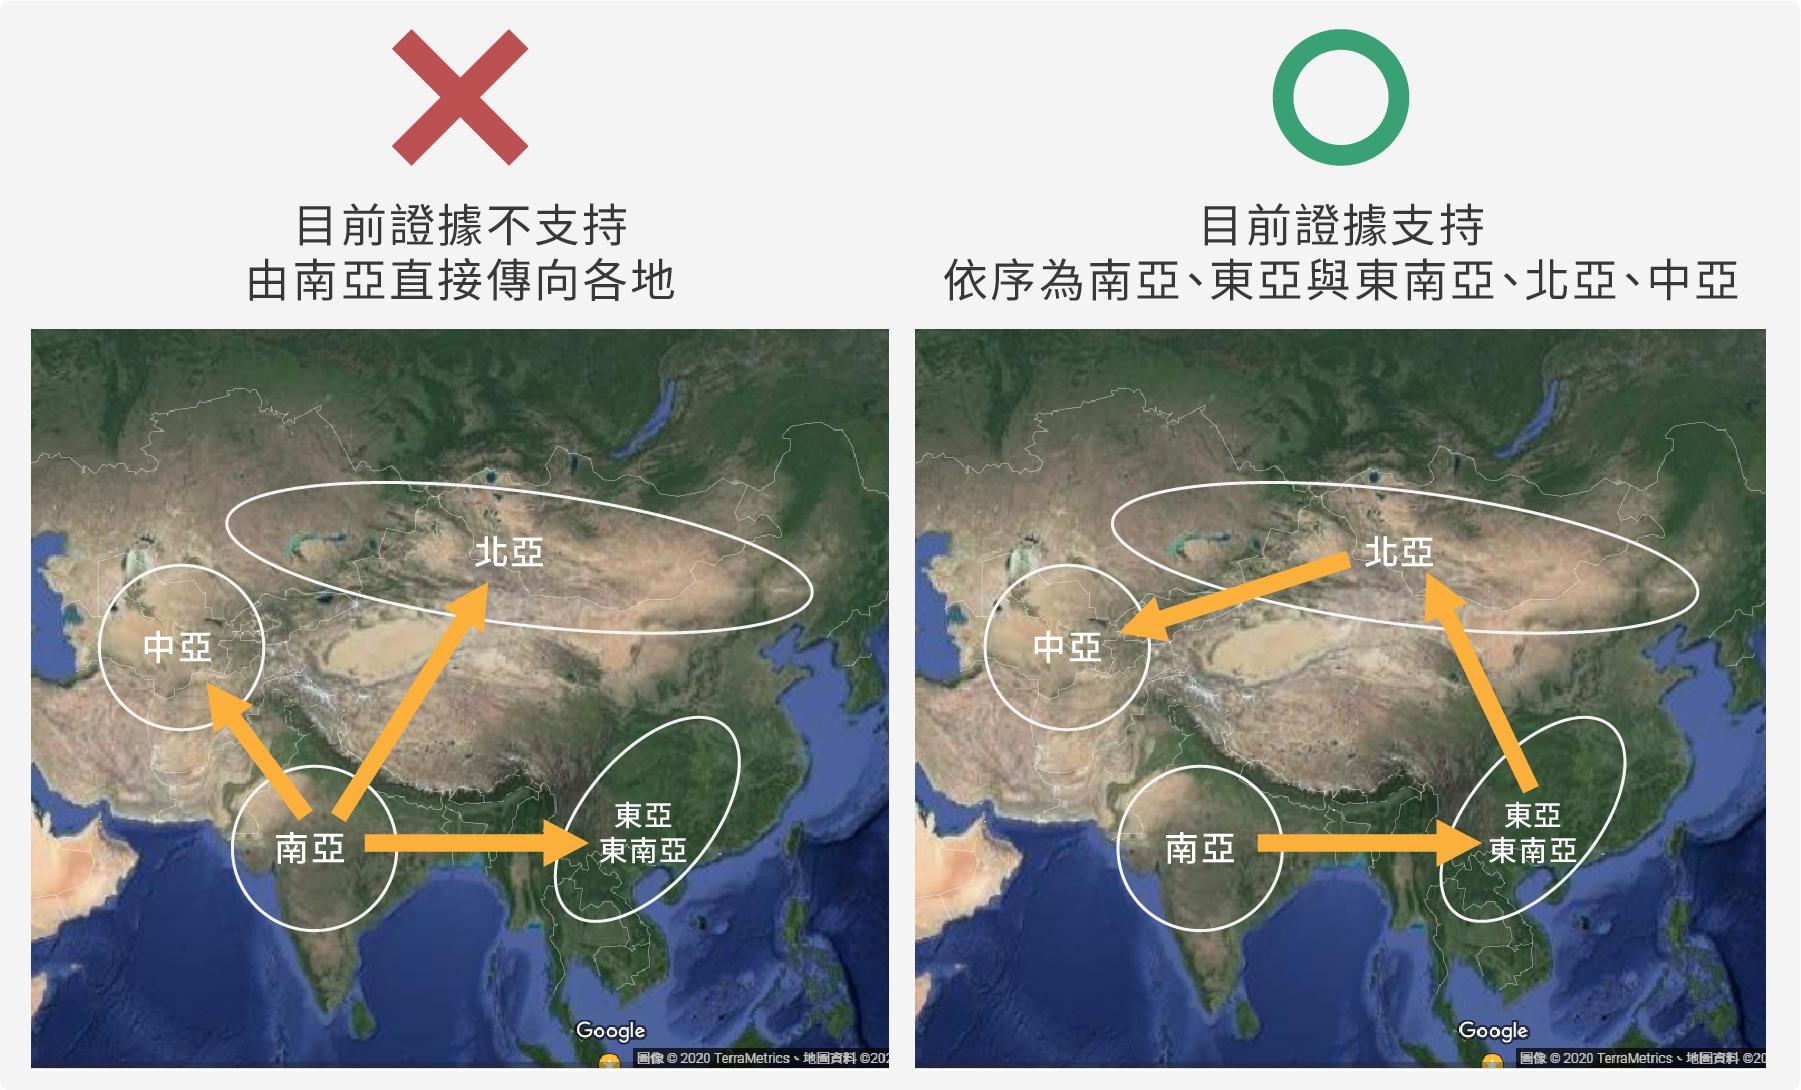 綠豆從哪裡來?目前證據支持綠豆由南亞發跡,依序傳播至東亞與東南亞,然後到北亞,最後至中亞。(圖/沈佩泠繪,資料來源:李承叡)